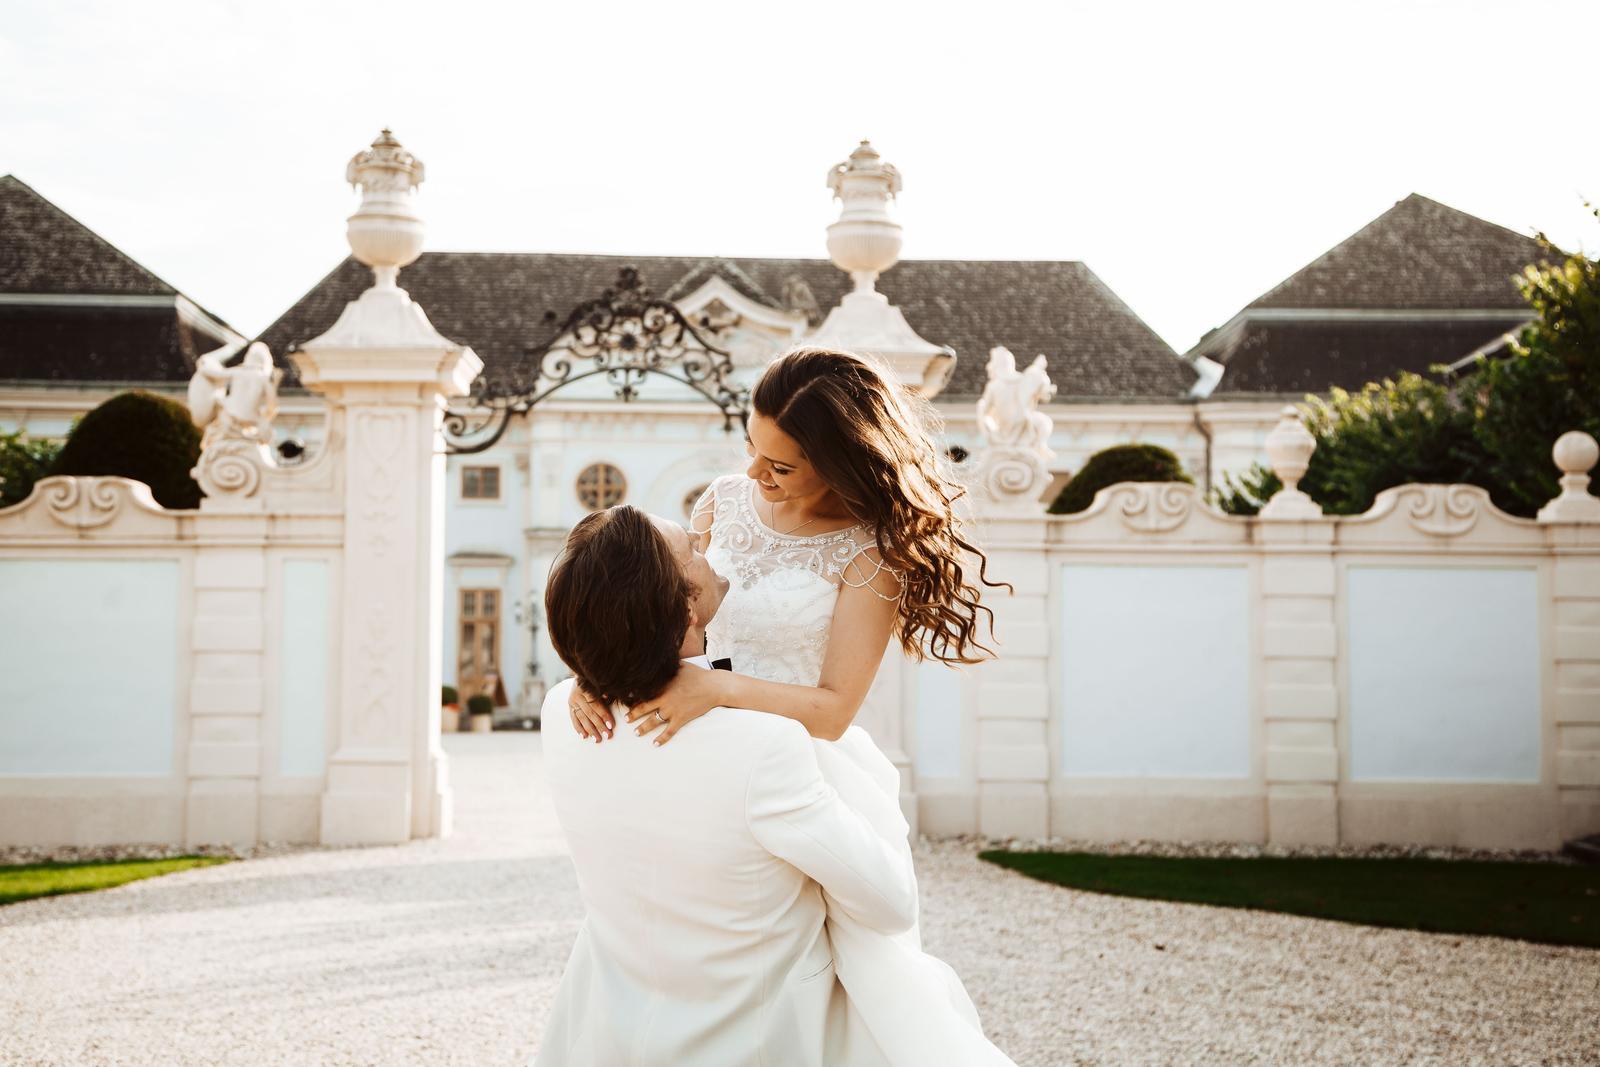 Ekaterina & Thomas - Wedding in Austria ❤️ - Obrázok č. 4